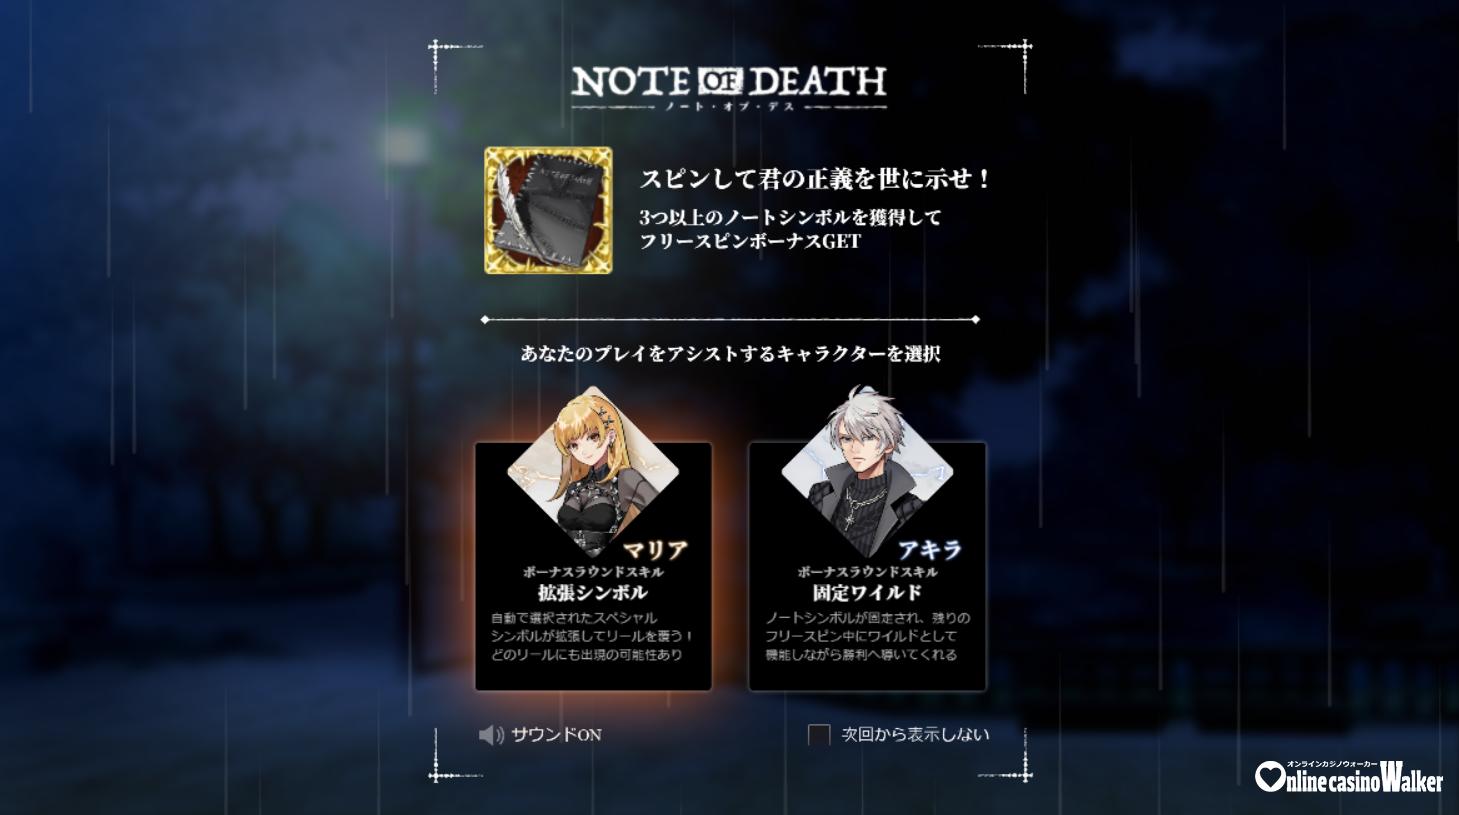 noteofdeath_gamescreenshoot1-1